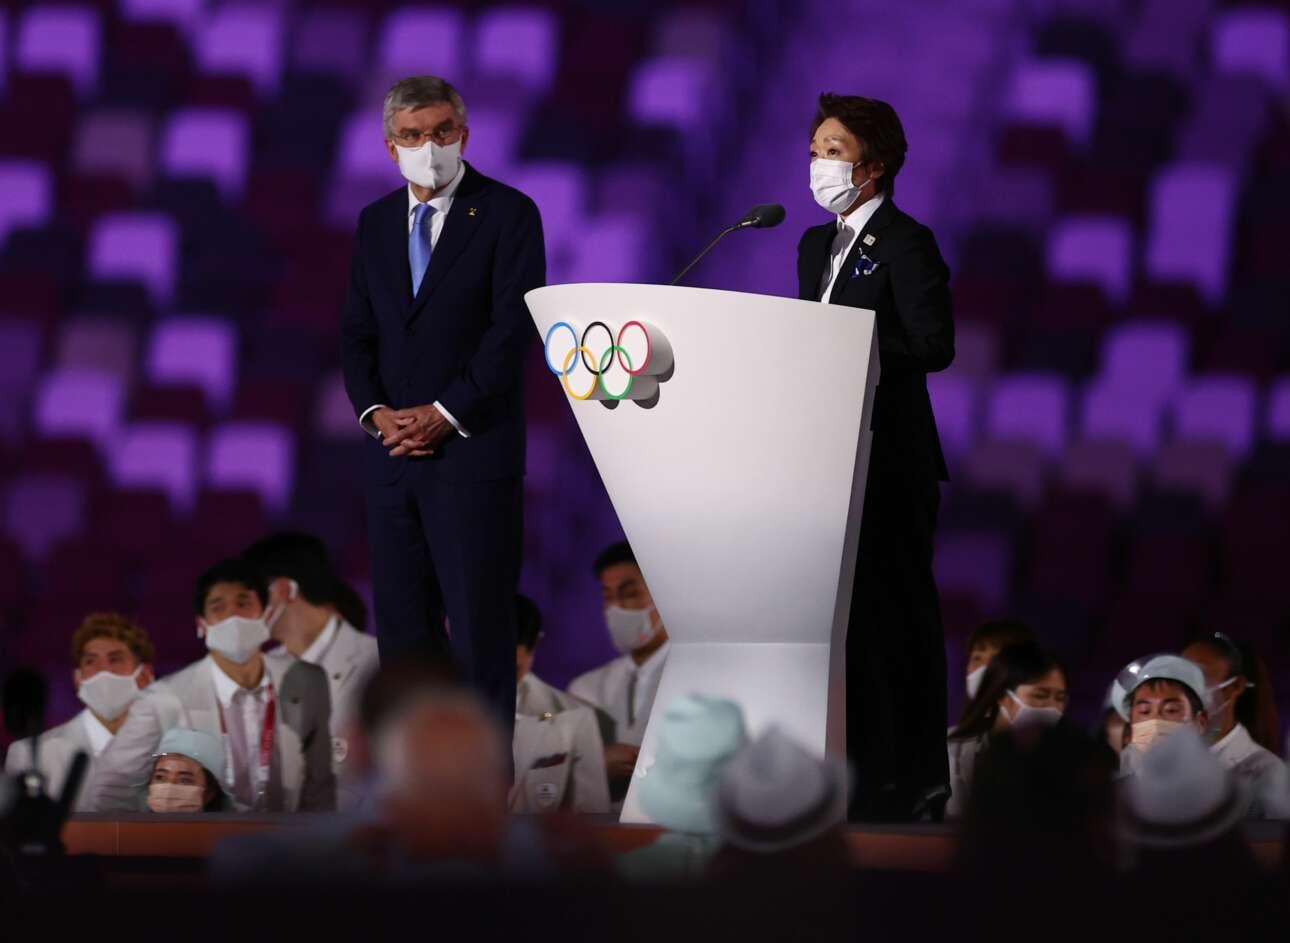 Υπό το βλέμμα του Τόμας Μπαχ, προέδρου της ΔΟΕ, η Σέικο Χασιμότο, πρόεδρος της Οργανωτικής Επιτροπής του Τόκιο 2020 μιλά για την περιπέτεια αυτής της διοργάνωσης